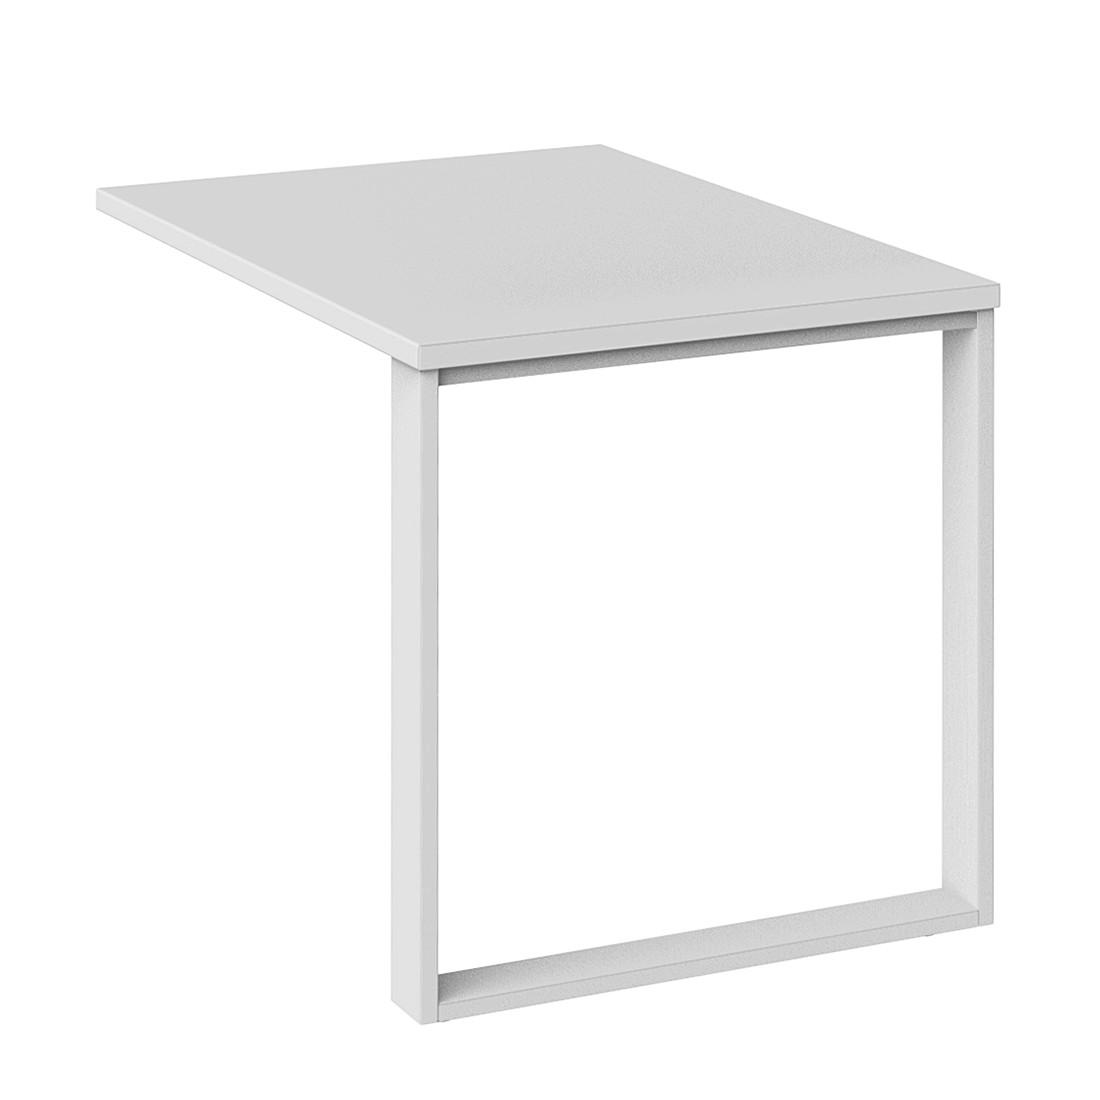 Tavolo componibile First (ripiano ad angolo), röhr